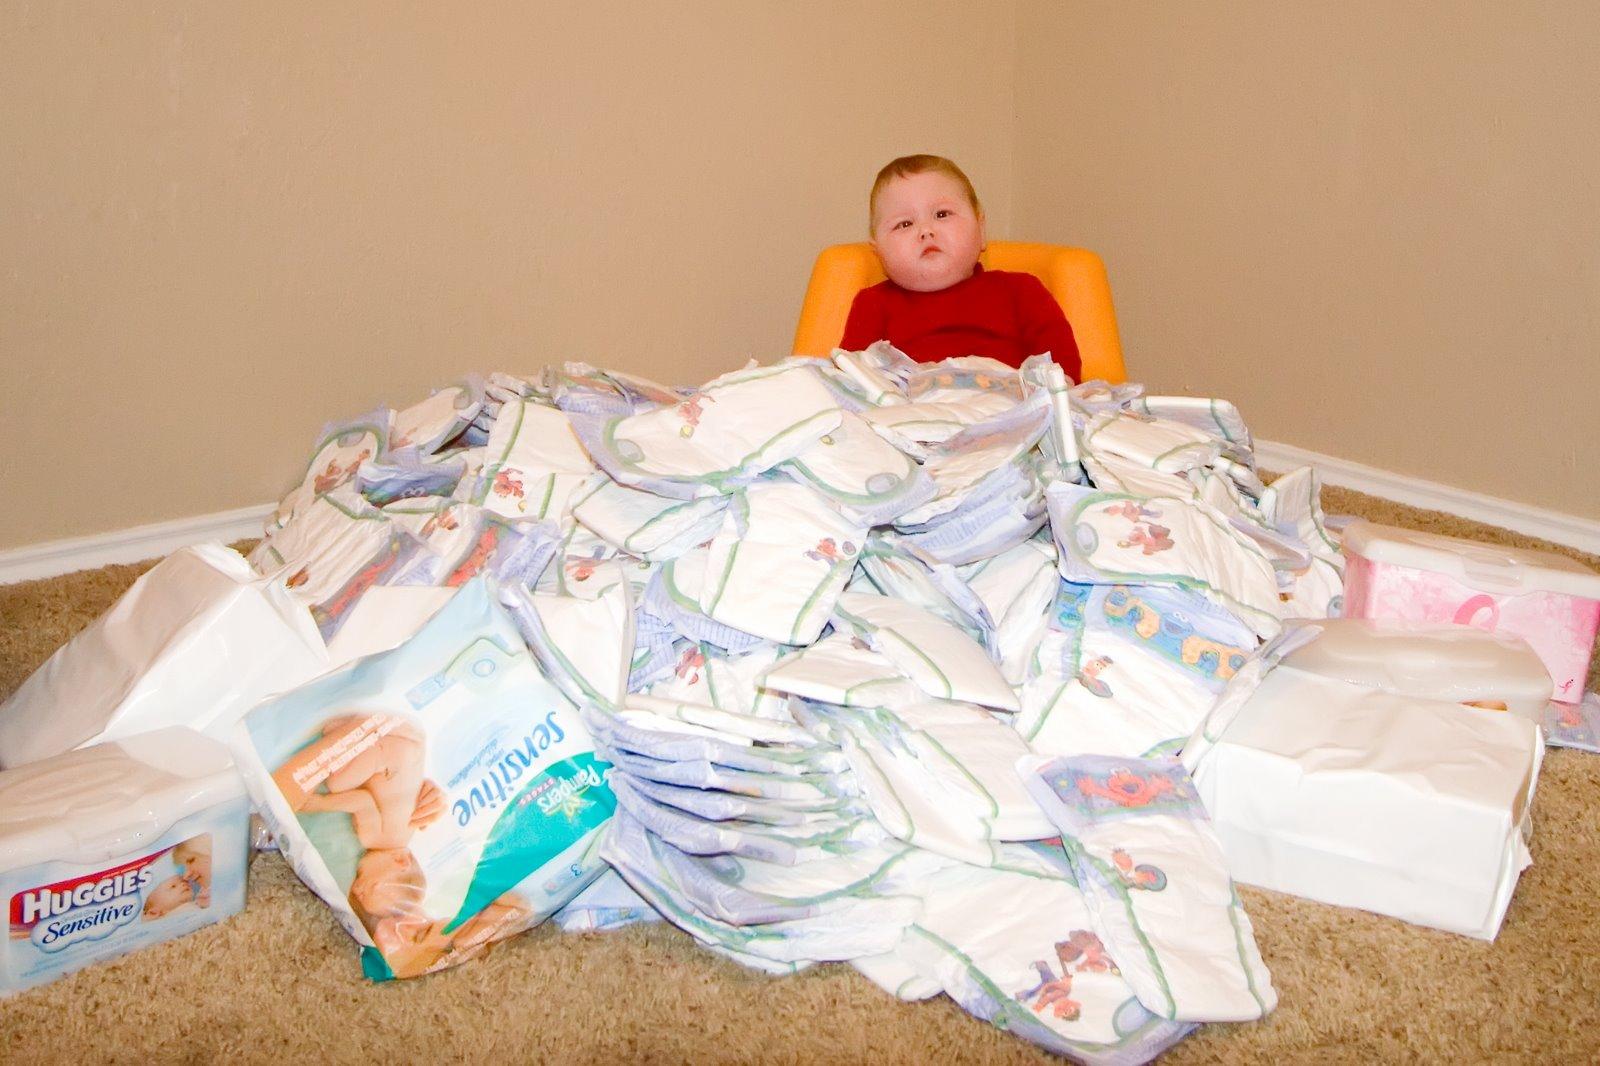 [diapers.jpg]